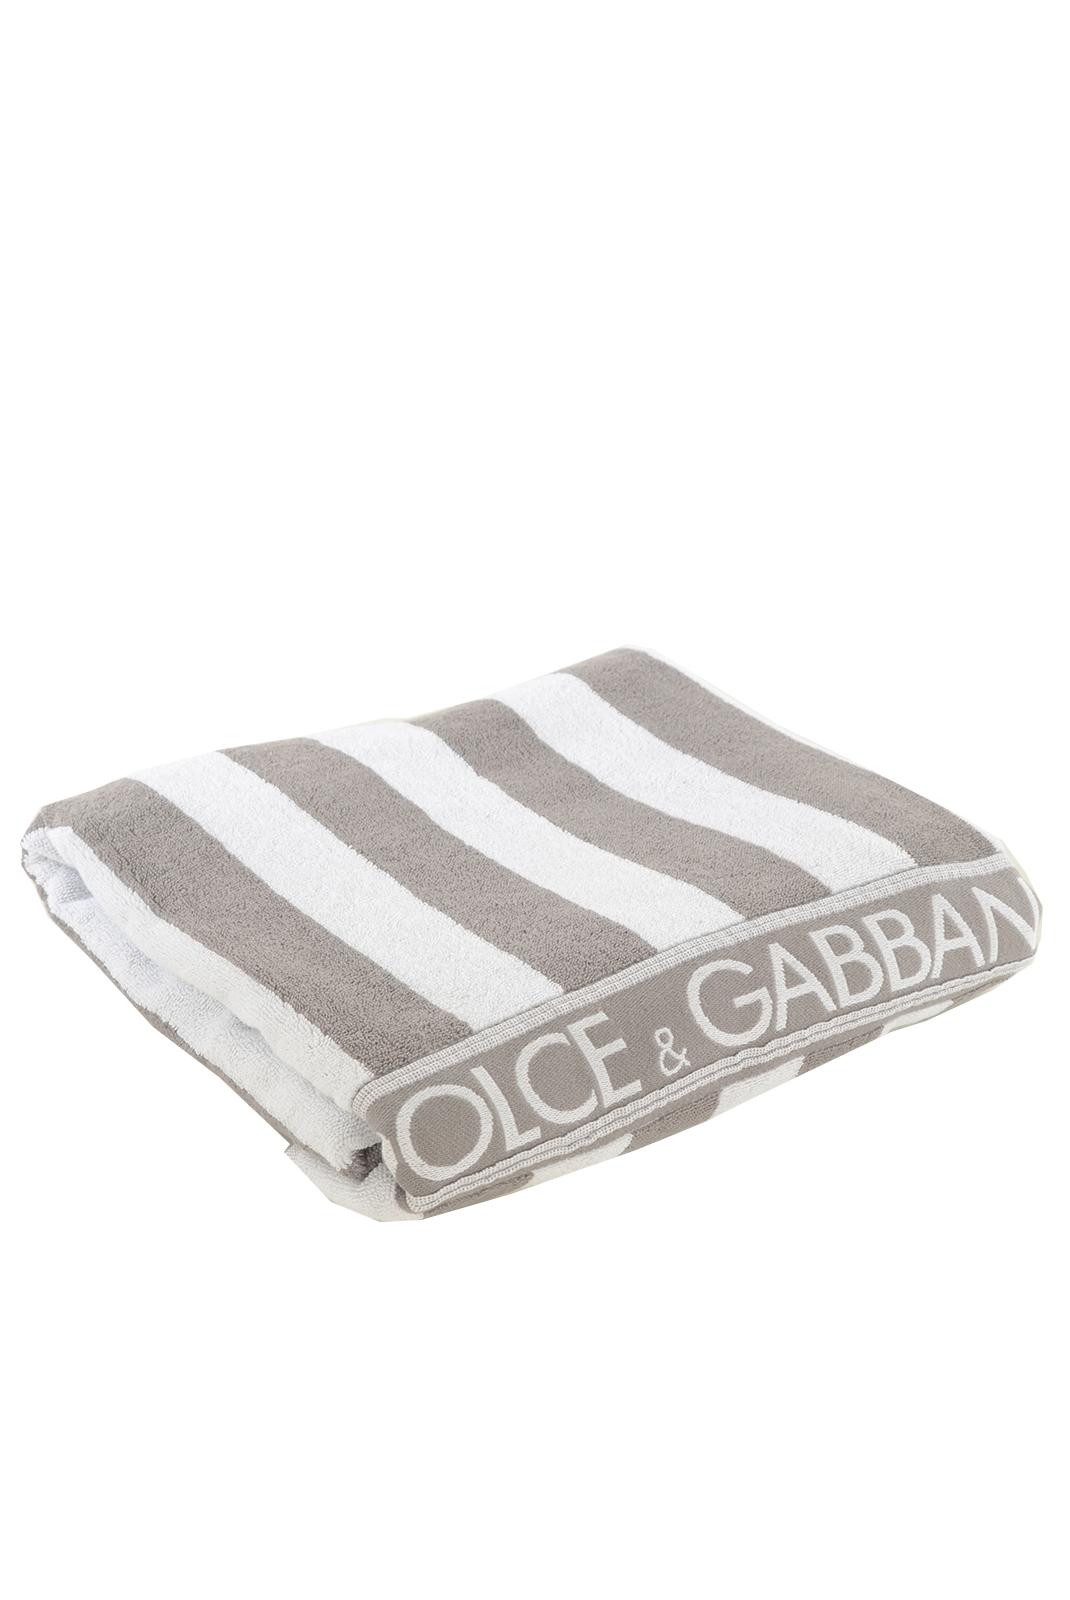 serviettes de bain homme dolce gabbana drap de bain d g np7283 blanc gris. Black Bedroom Furniture Sets. Home Design Ideas